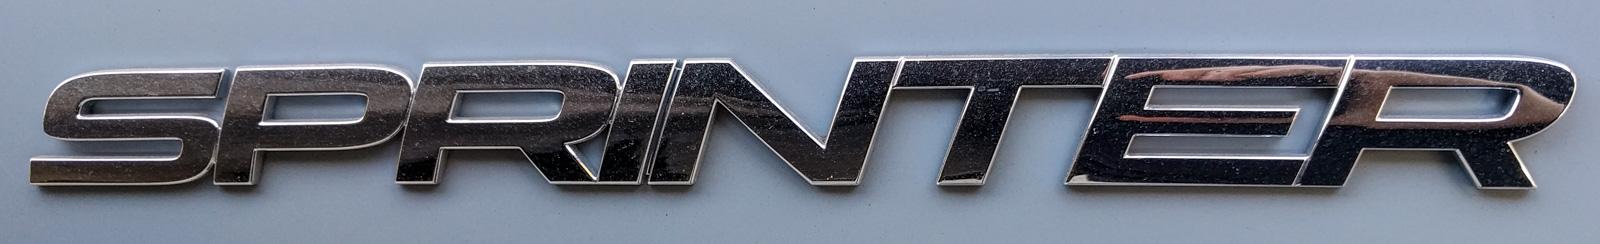 Sprinter rear door badge